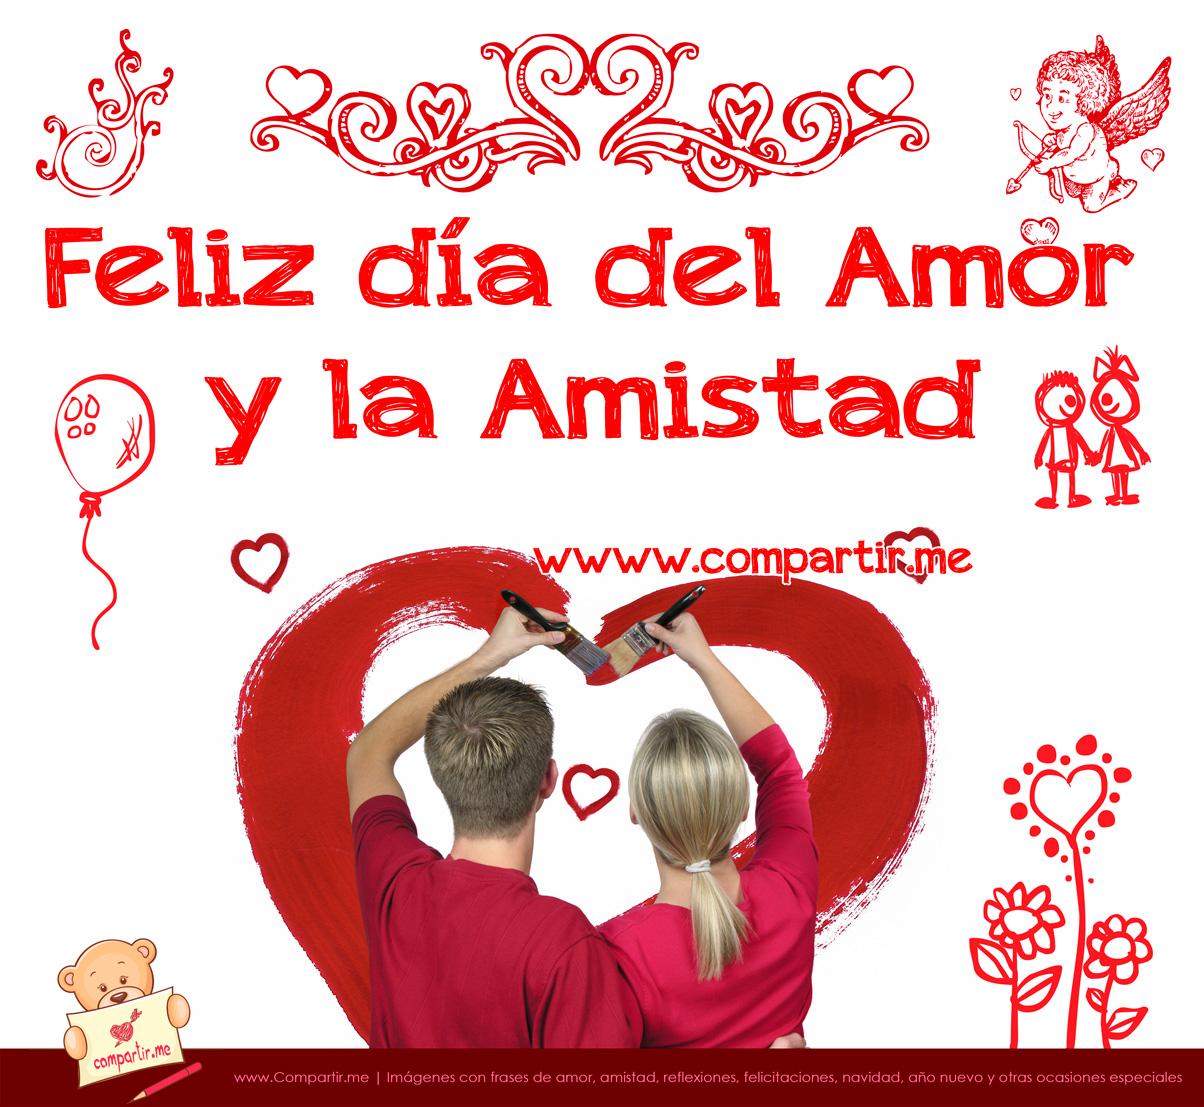 https://3.bp.blogspot.com/-Y565f060Rqc/URWnKHyGMaI/AAAAAAAABLo/FQuSOuiewUg/s1600/pareja-pintando-feliz-dia-del-amor-amistad.jpg